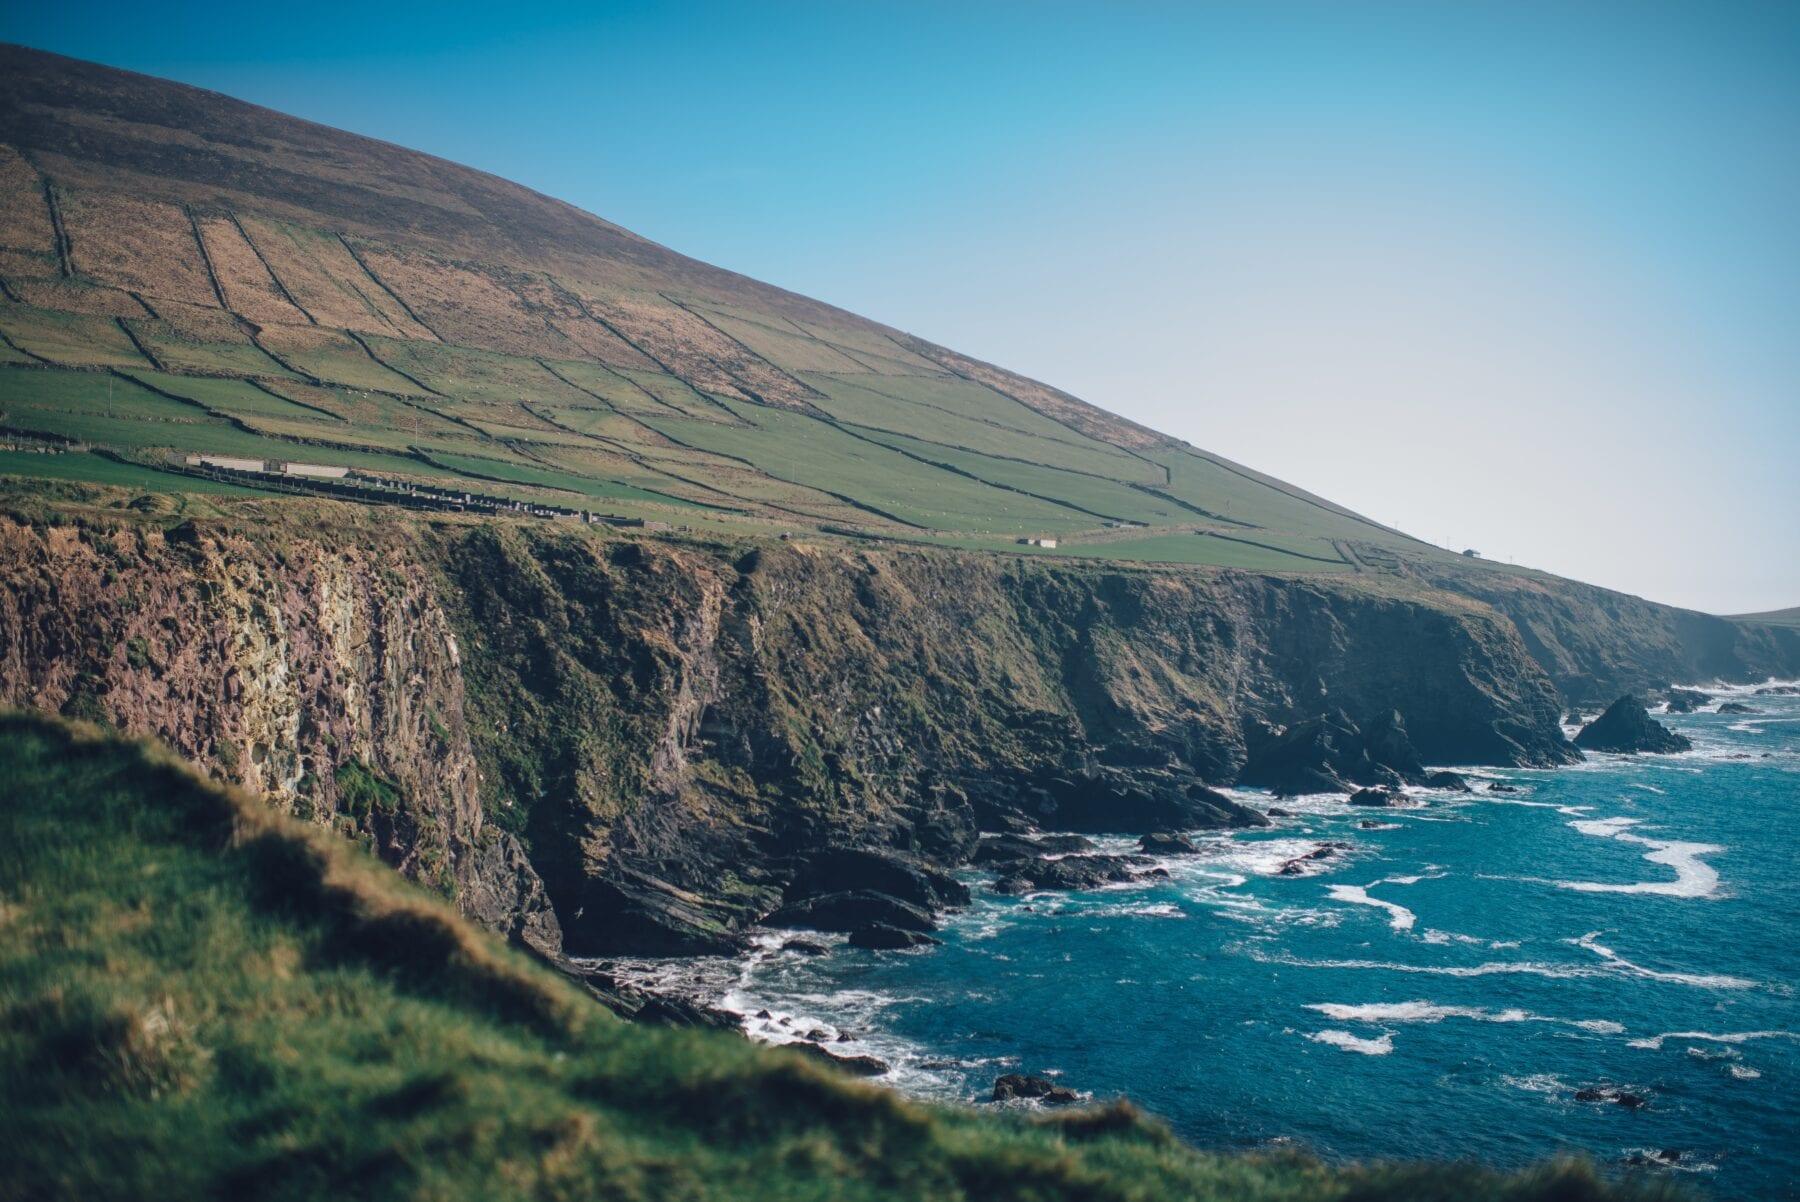 Ierland klif